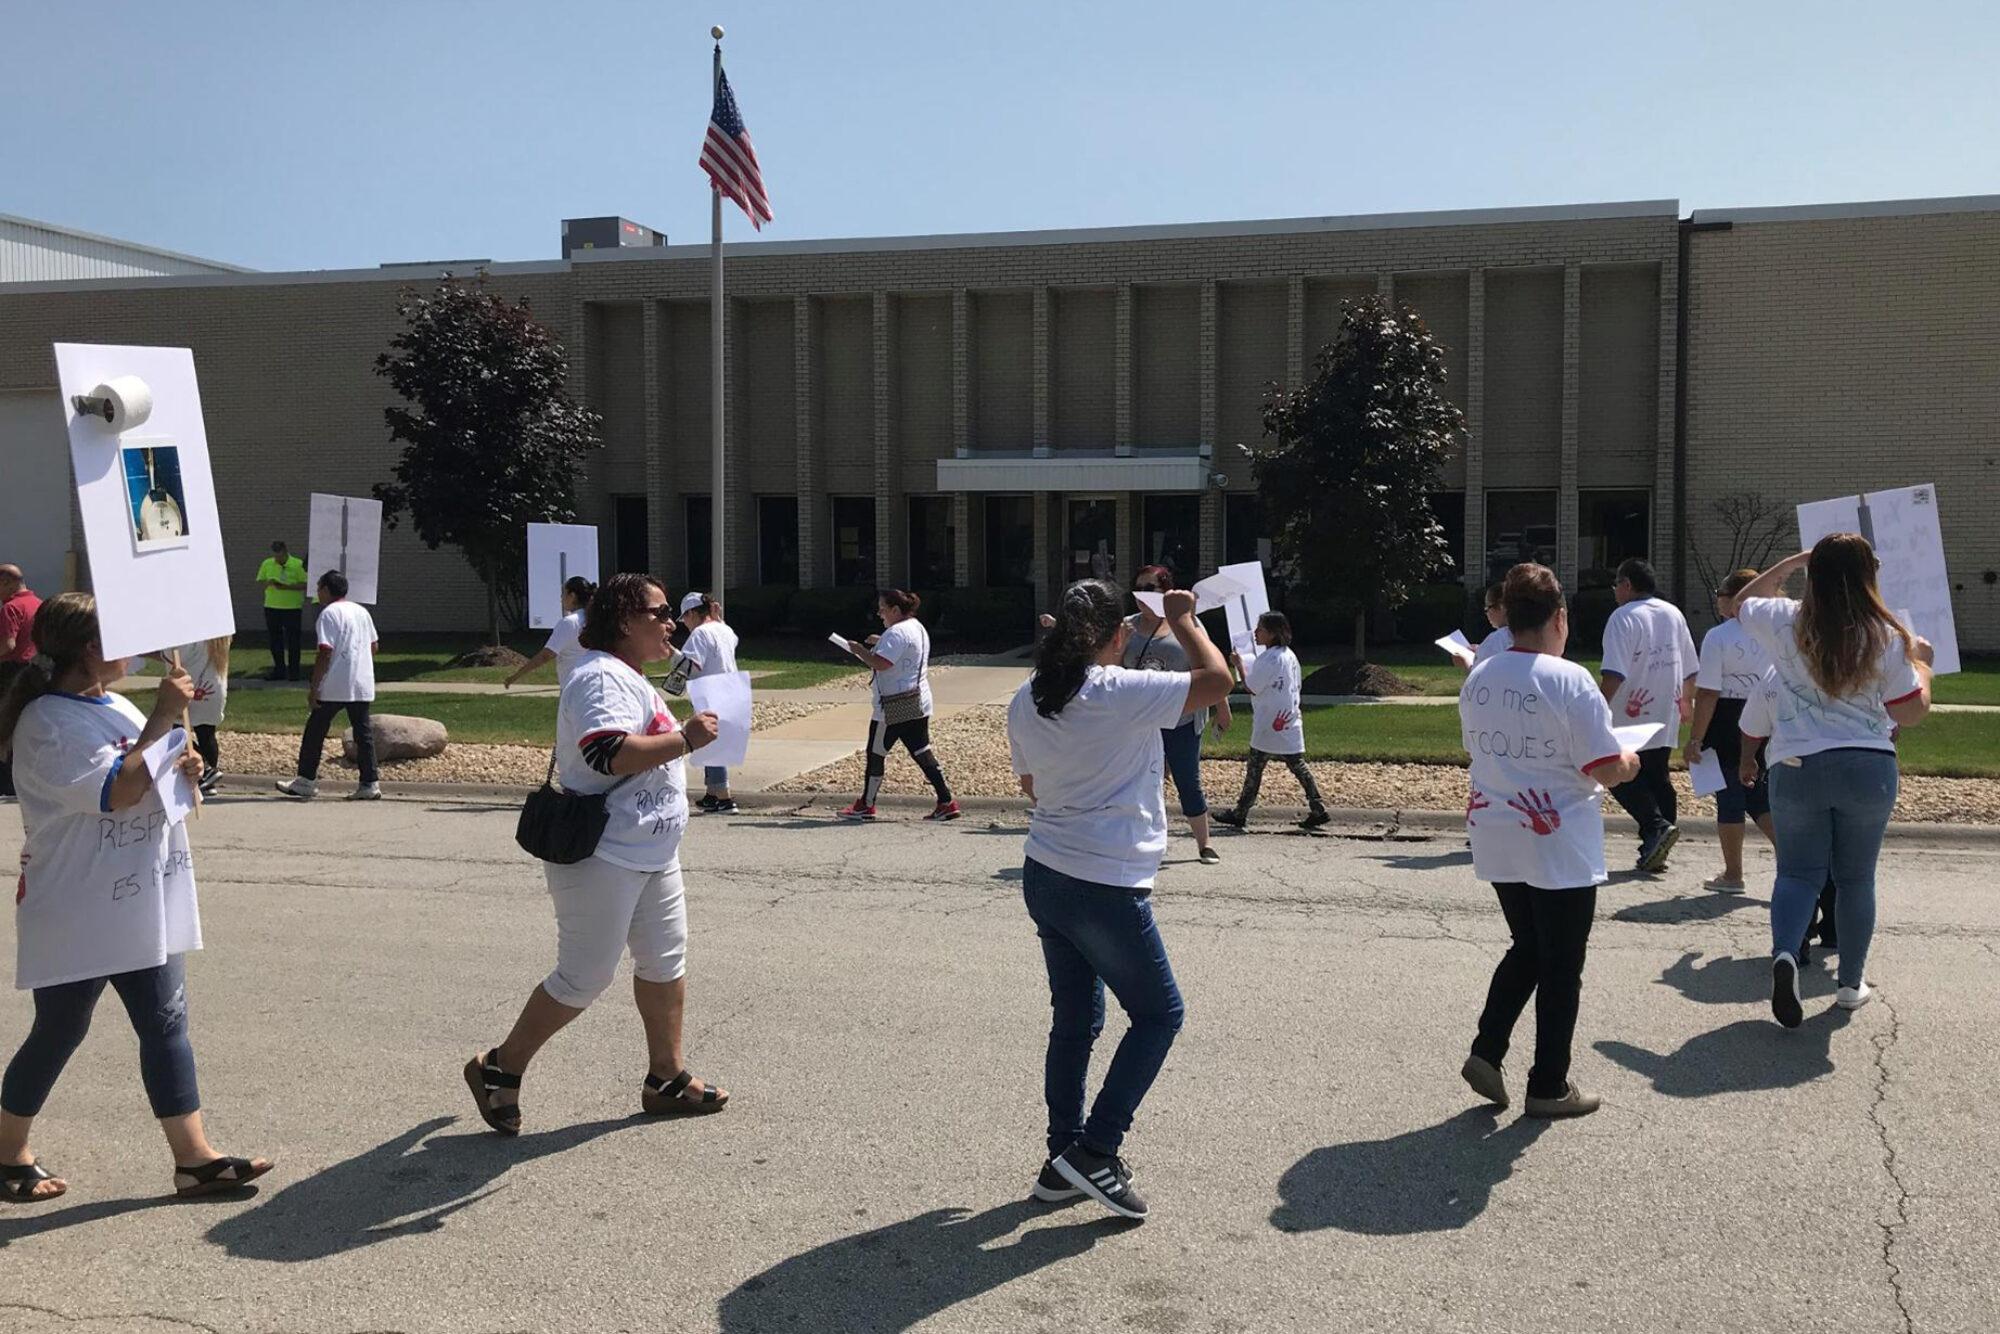 Trabajadoras temporales luchan contra supuesto acoso sexual y dicen que sufren represalias por hacerlo 2